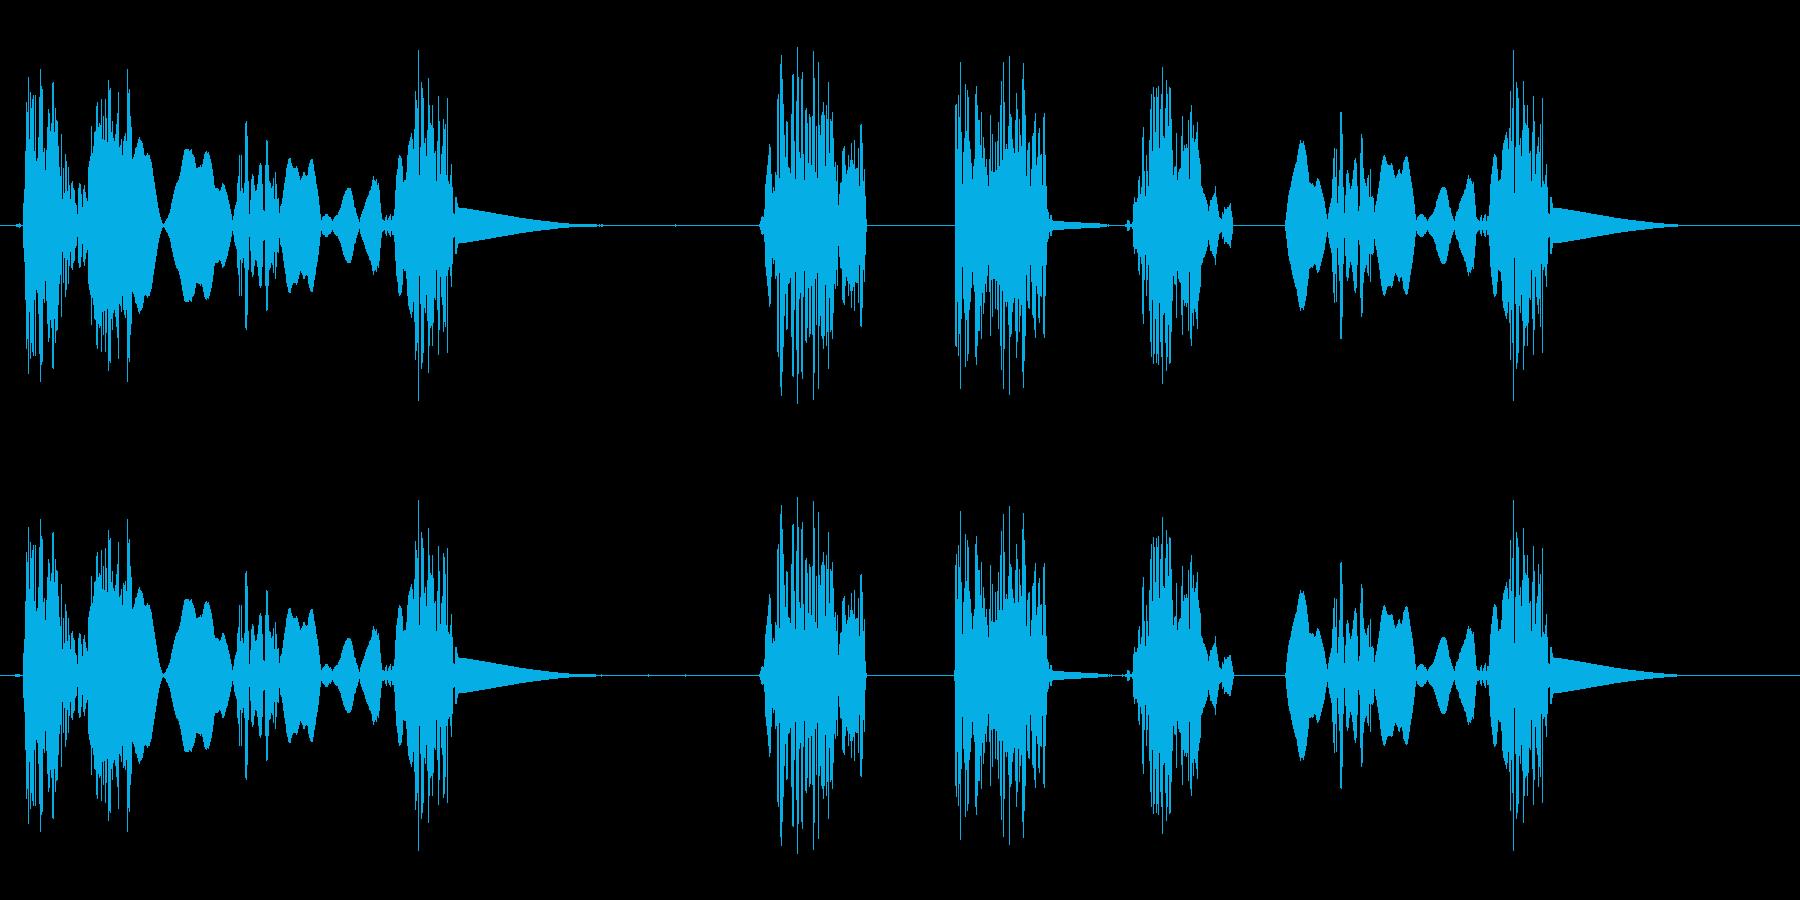 引きずり音(足音のようなスクラッチ音)の再生済みの波形